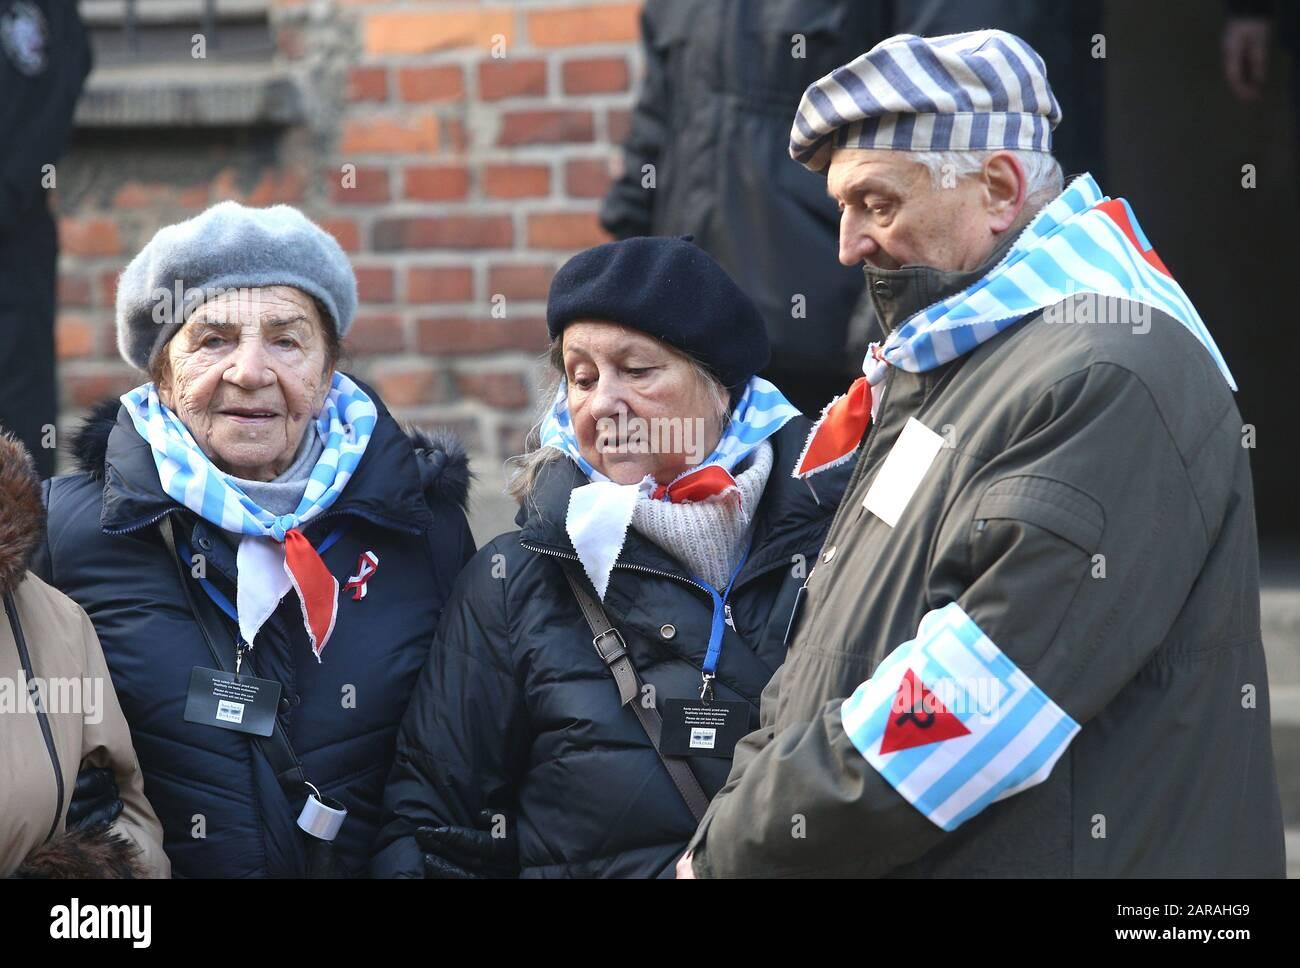 Oswiecim, Pologne. 27 janvier 2020. Anciens prisonniers du camp de concentration d'Auschwitz-Birkenau. 75ème anniversaire de la libération d'Auschwitz et du jour du Souvenir de l'Holocauste. Le plus grand camp allemand de concentration et d'extermination nazis KL Auschwitz-Birkenau a été libéré par l'Armée rouge le 27 janvier 1945. Crédit: Damian Klamka/Zuma Wire/Alay Live News Banque D'Images